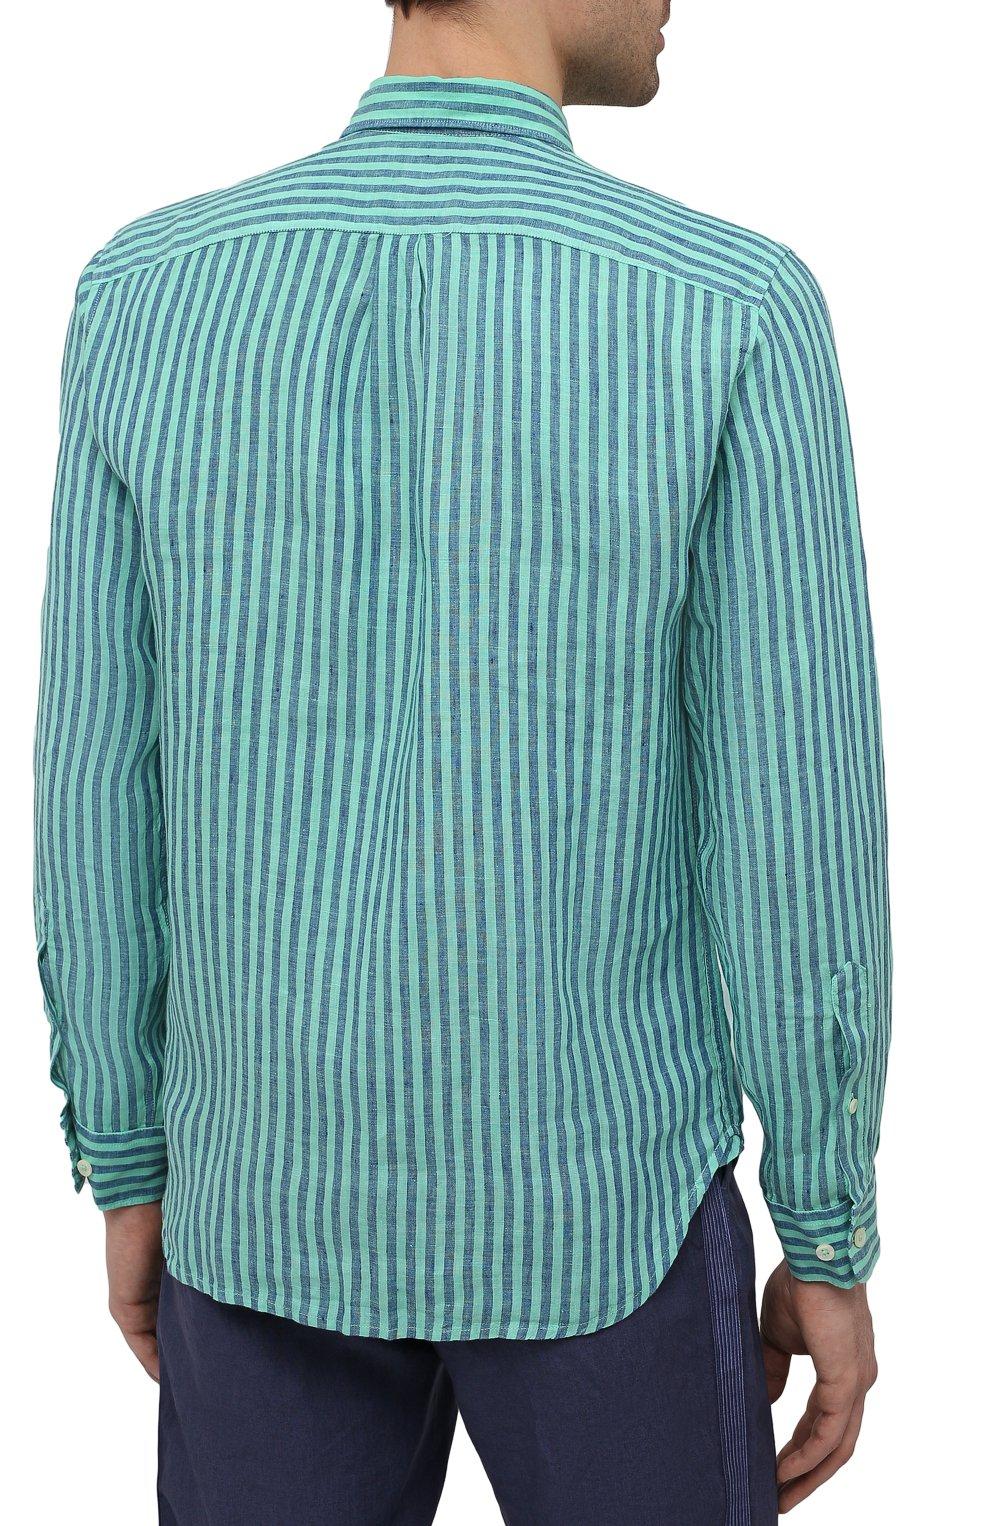 Мужская льняная рубашка 120% LINO бирюзового цвета, арт. T0M1425/F945/000   Фото 4 (Манжеты: На пуговицах; Воротник: Кент; Рукава: Длинные; Случай: Повседневный; Принт: Полоска; Длина (для топов): Стандартные; Материал внешний: Лен; Стили: Кэжуэл)